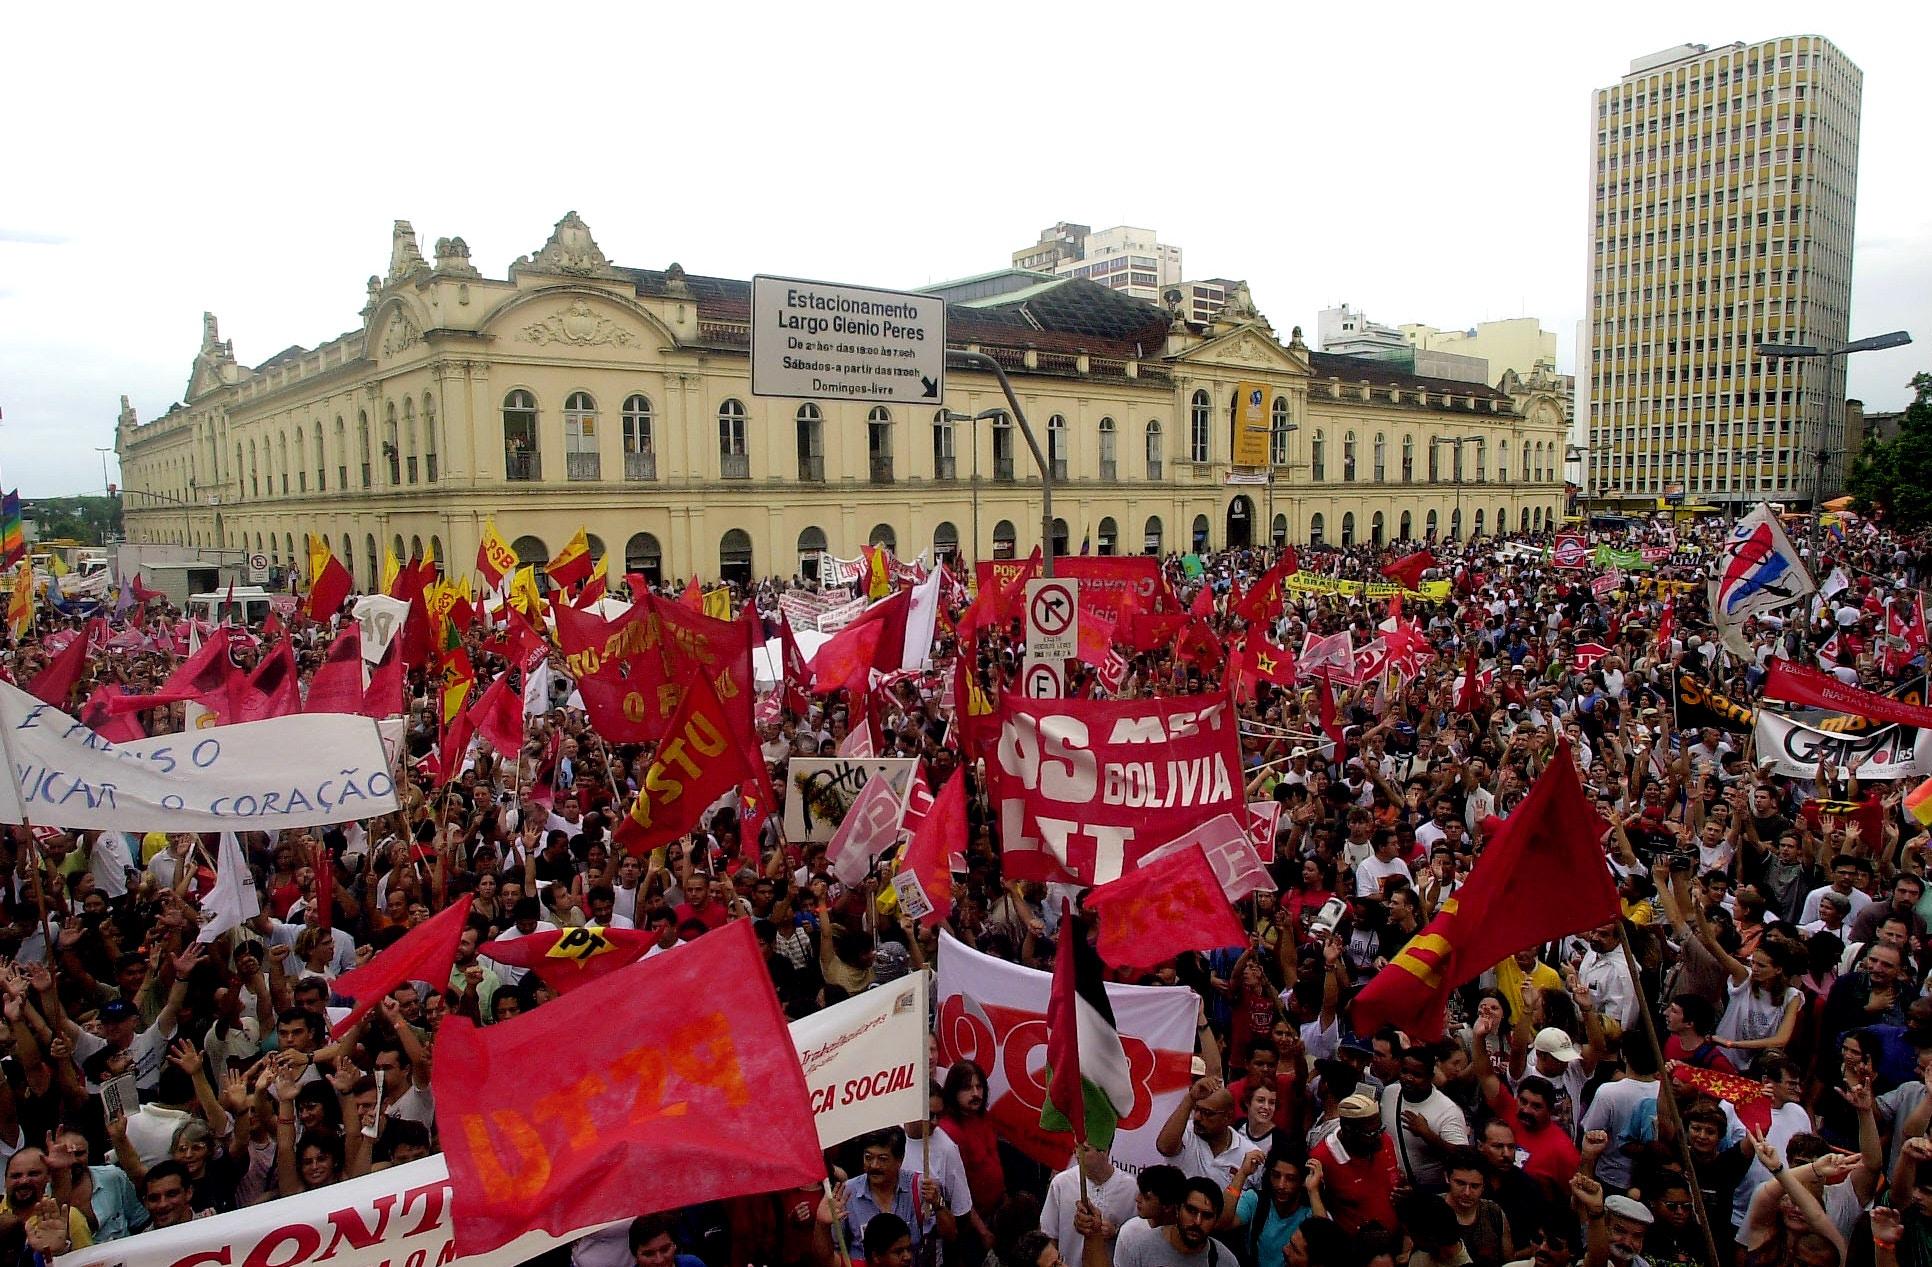 Cerca de 30 mil pessoas se reúnem em Porto Alegre, em 31 de janeiro de 2002, em uma marcha para inaugurar oficialmente o Fórum Social Mundial de cinco dias.